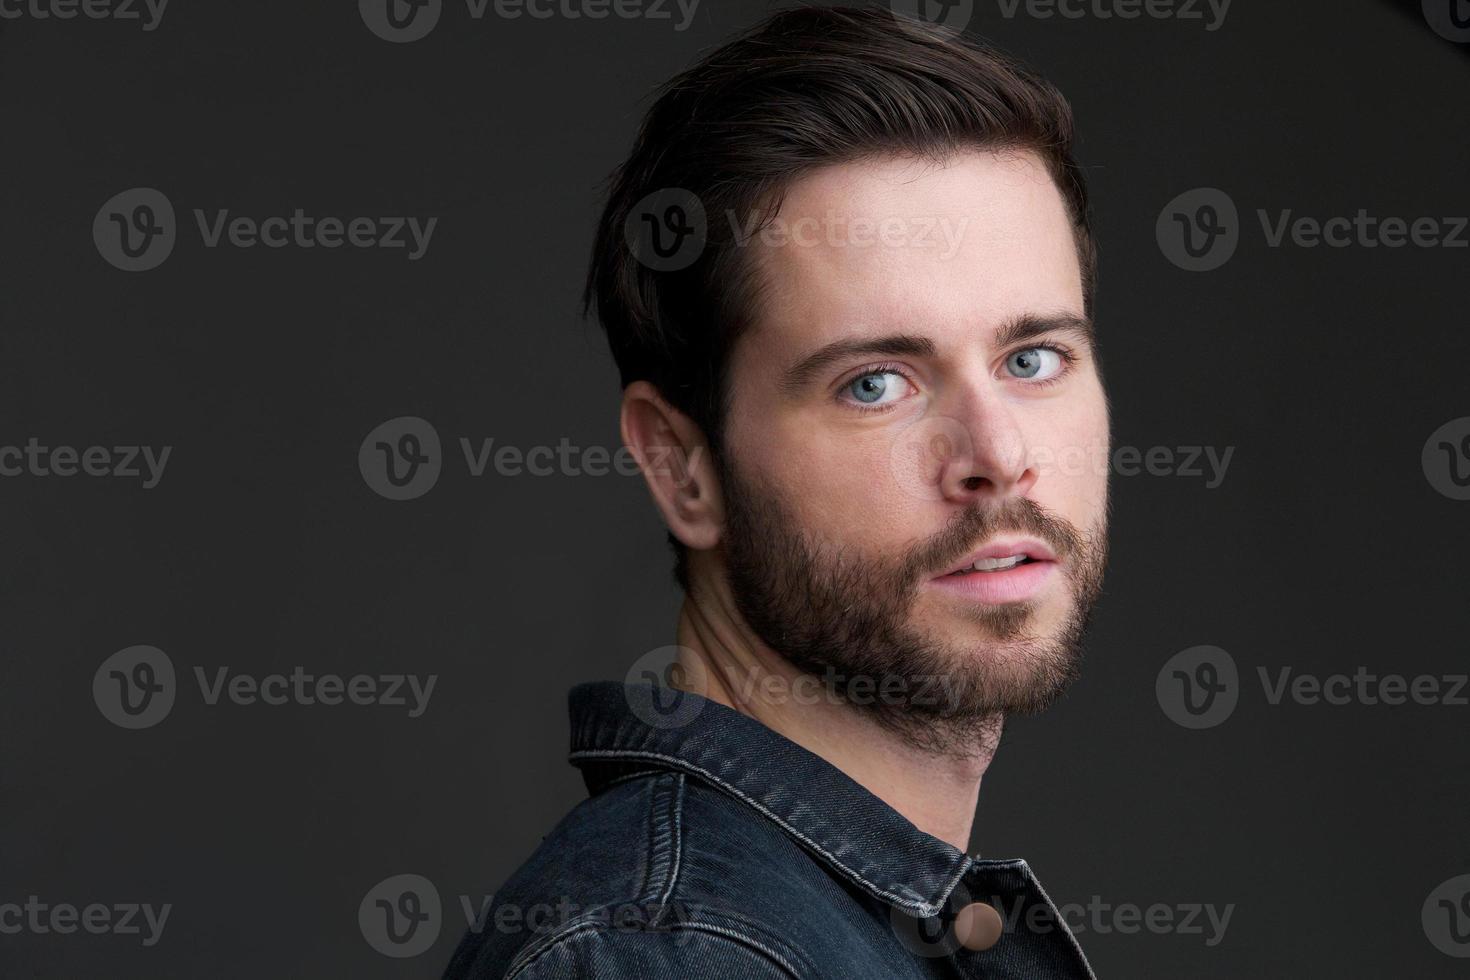 aantrekkelijke jonge man die alleen op een grijze achtergrond foto